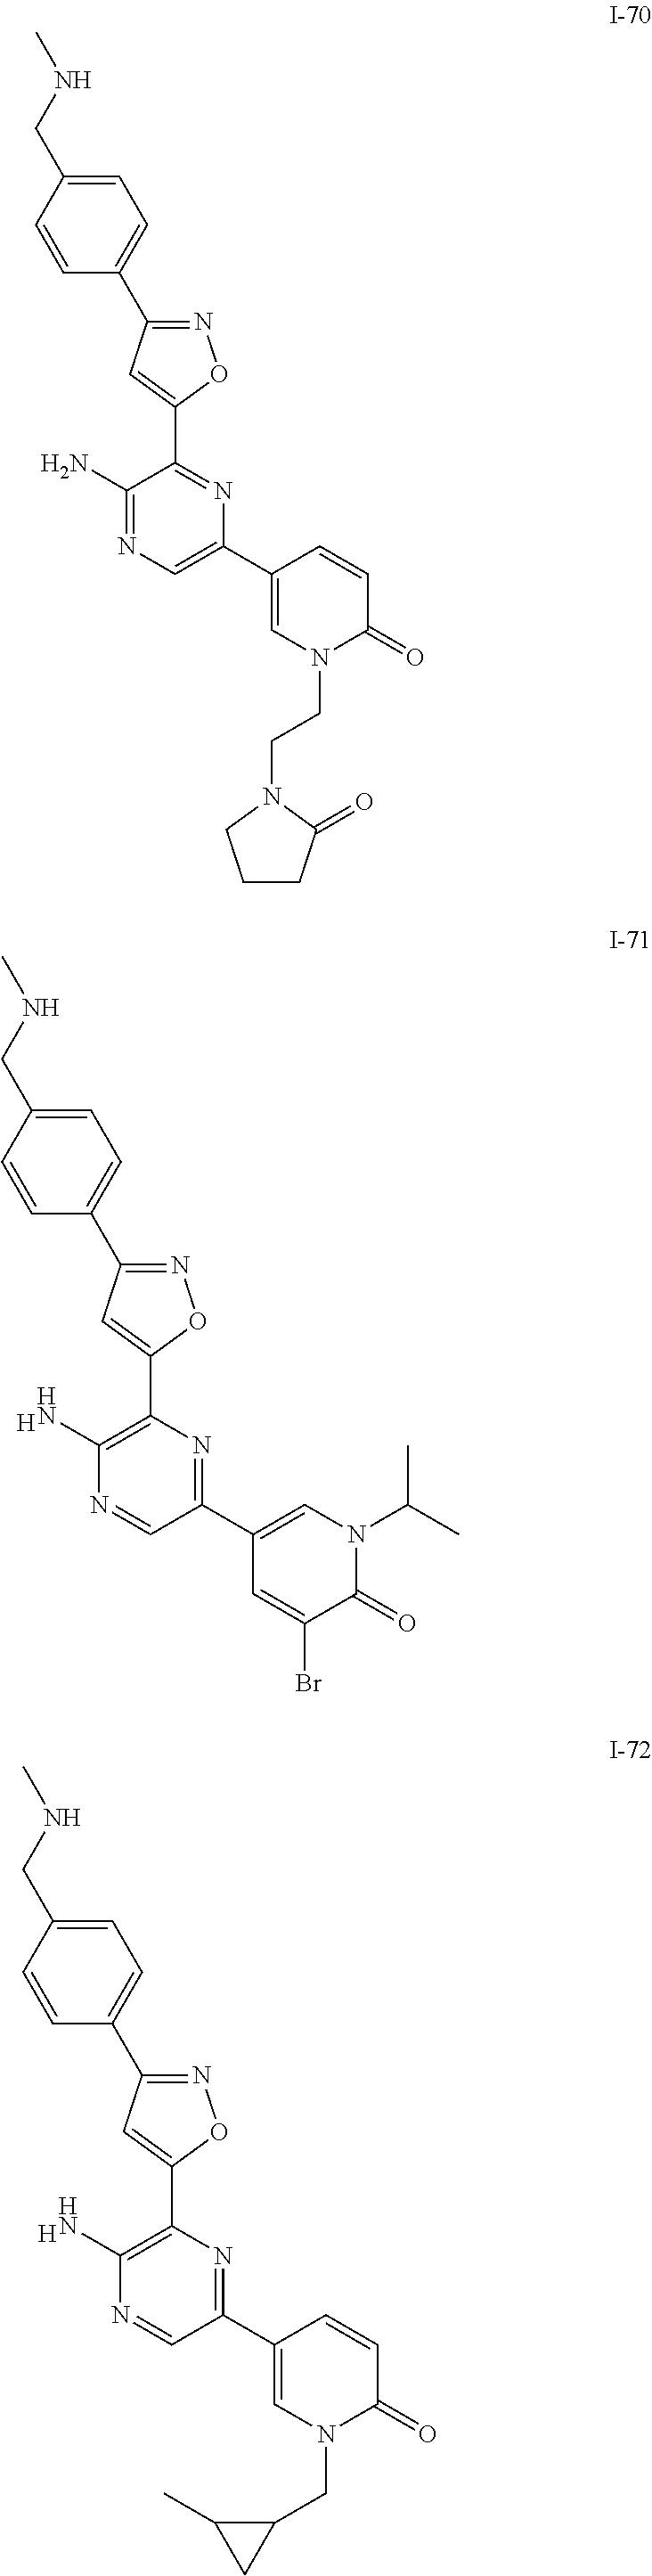 Figure US09630956-20170425-C00241